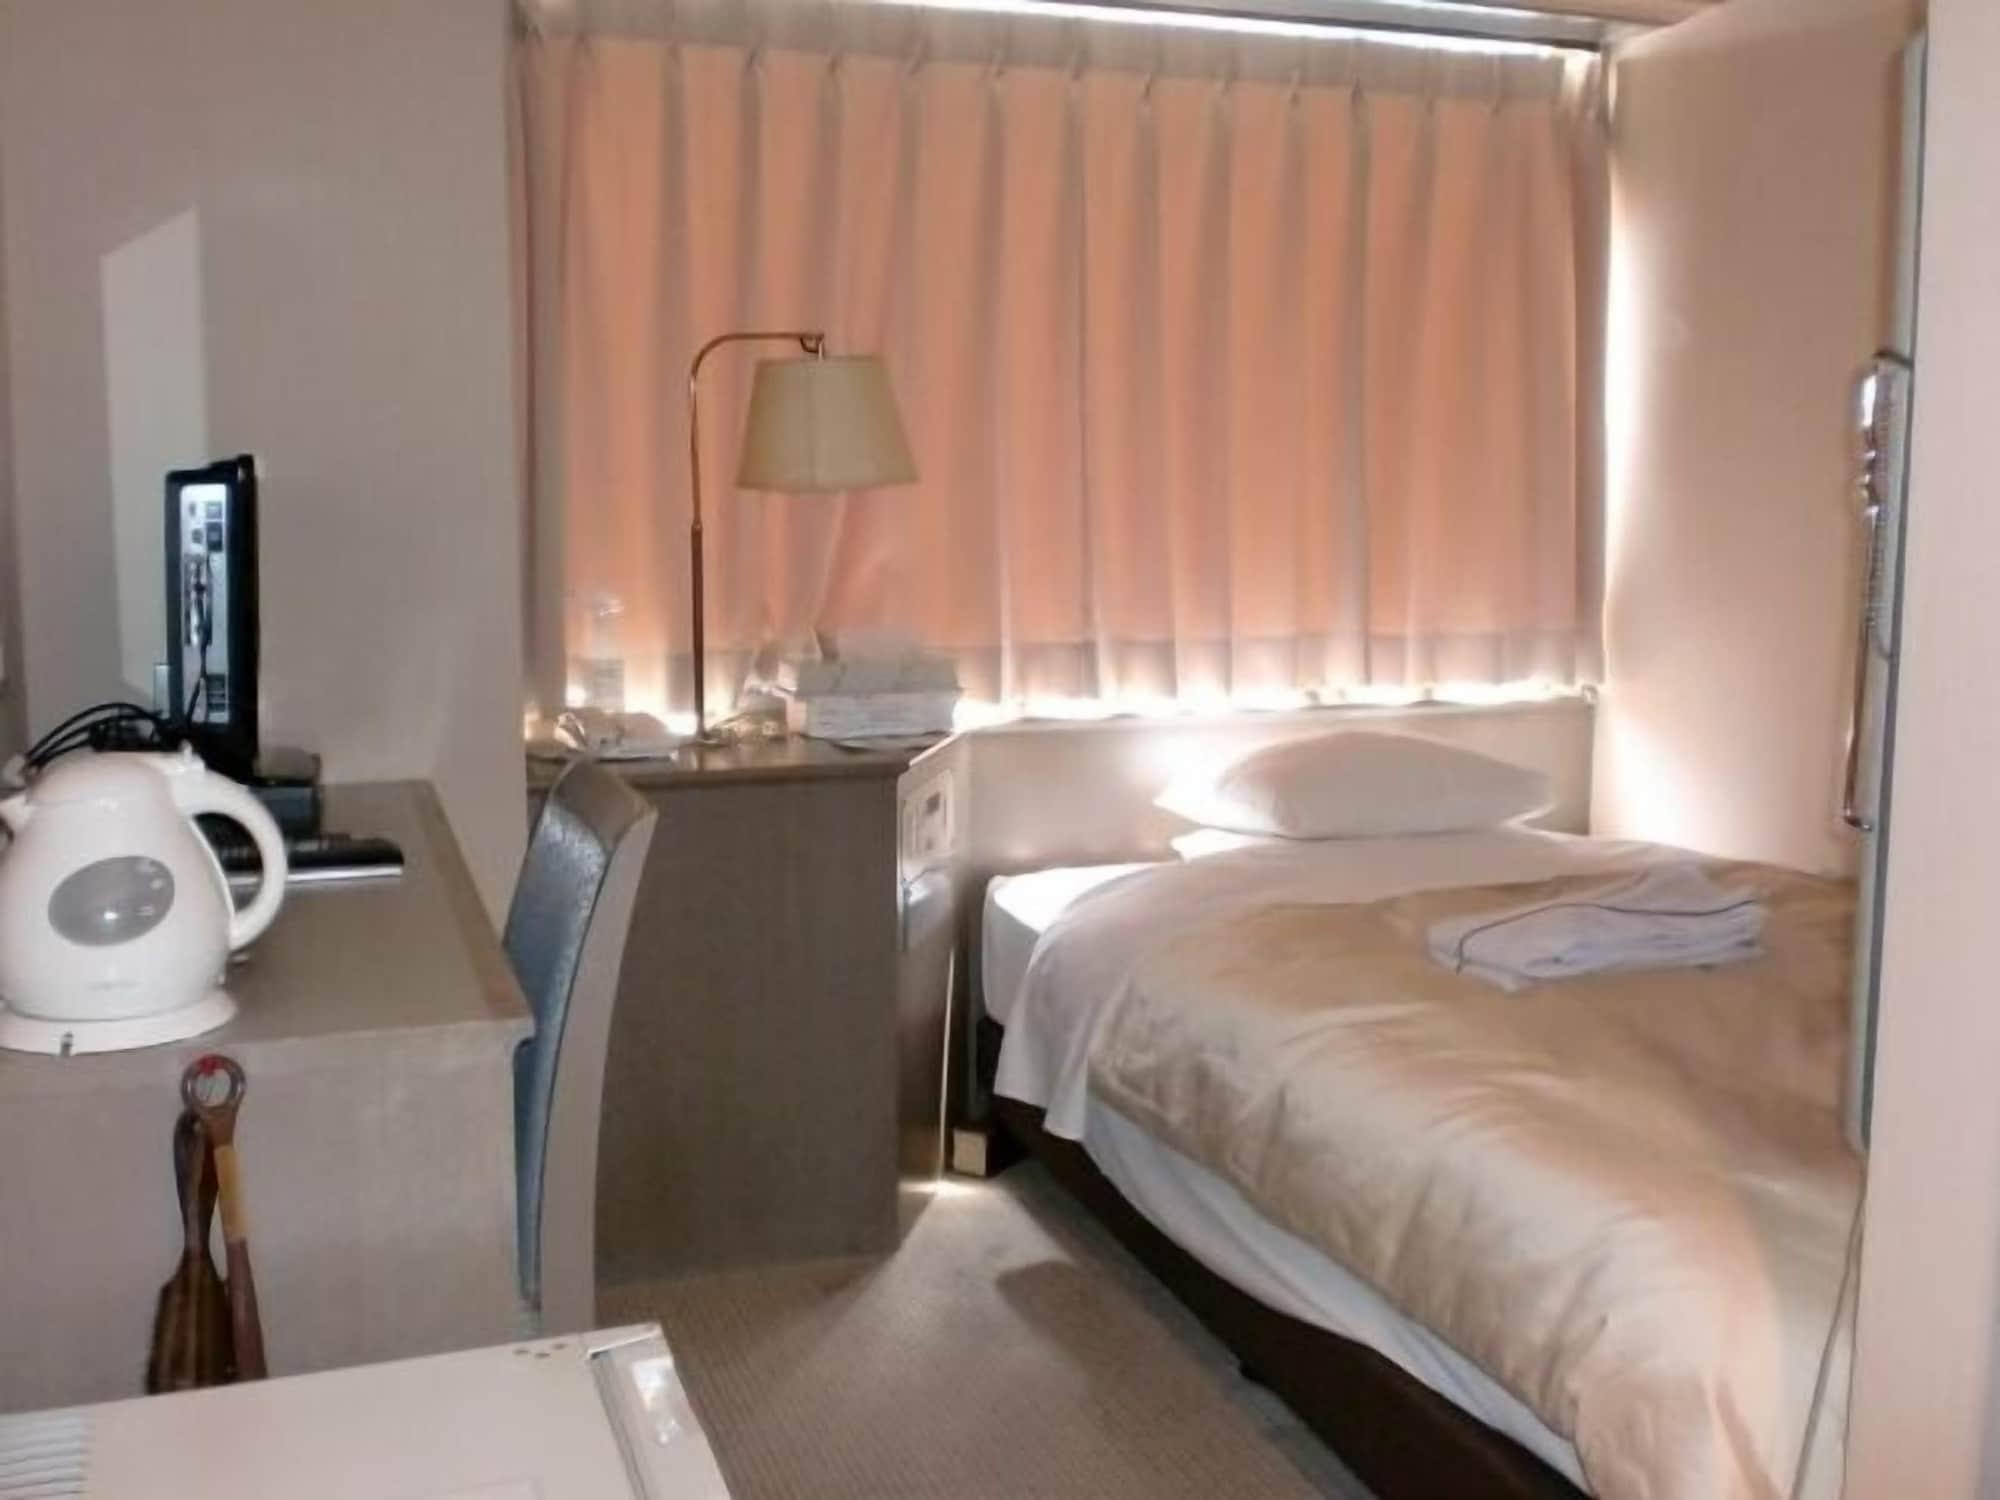 Tsuyama Central Hotel Annex, Tsuyama